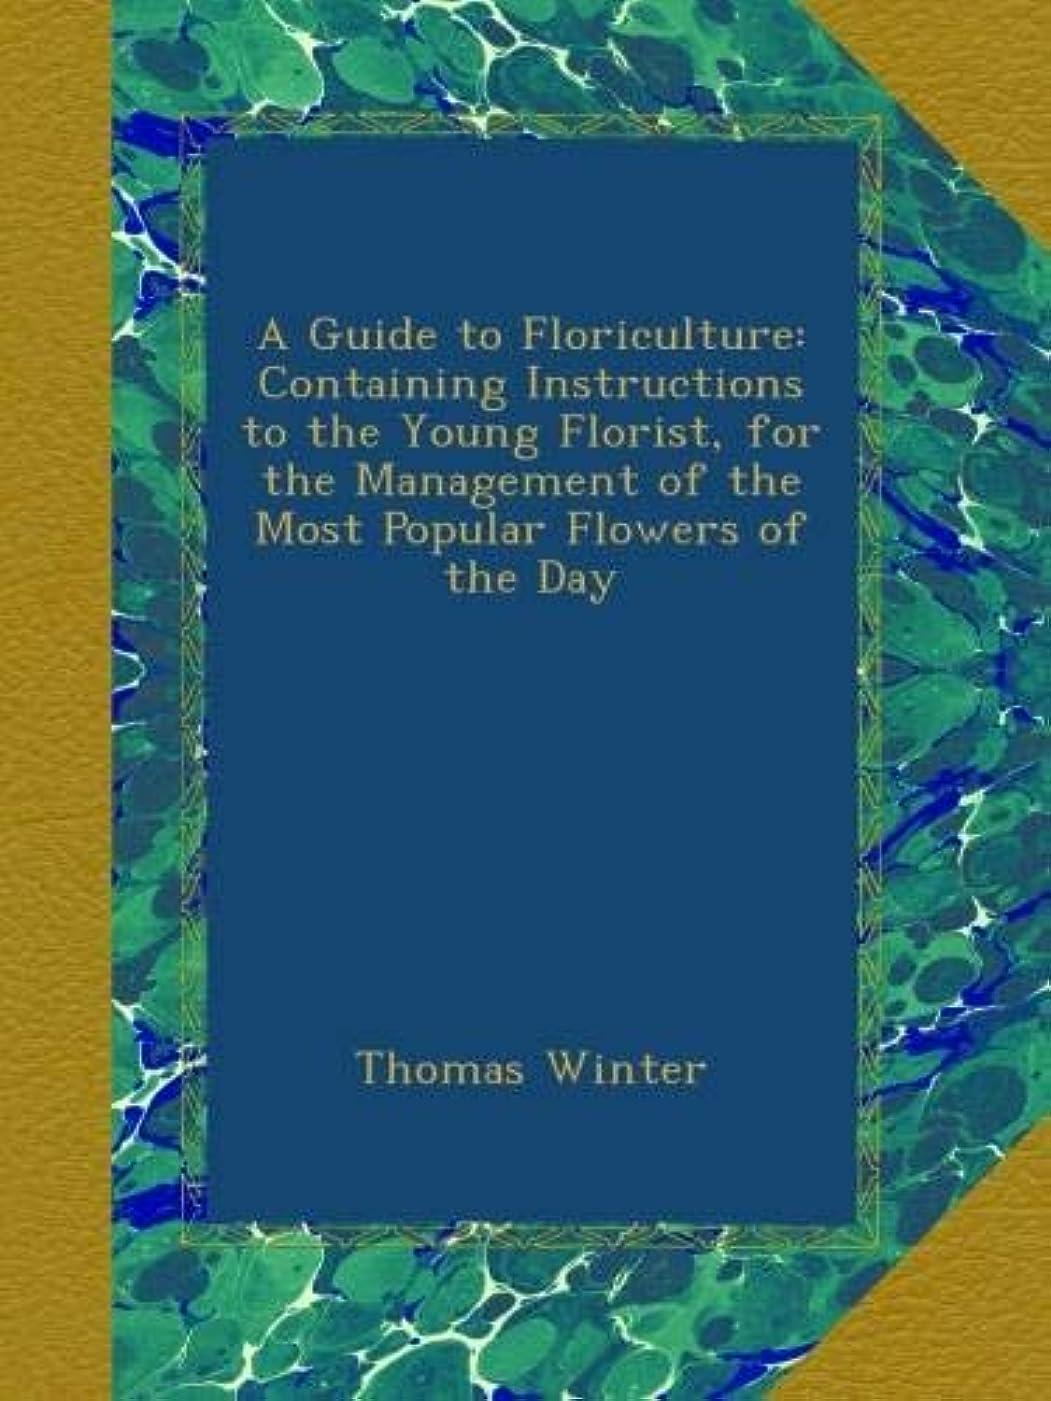 スキニー魂被るA Guide to Floriculture: Containing Instructions to the Young Florist, for the Management of the Most Popular Flowers of the Day